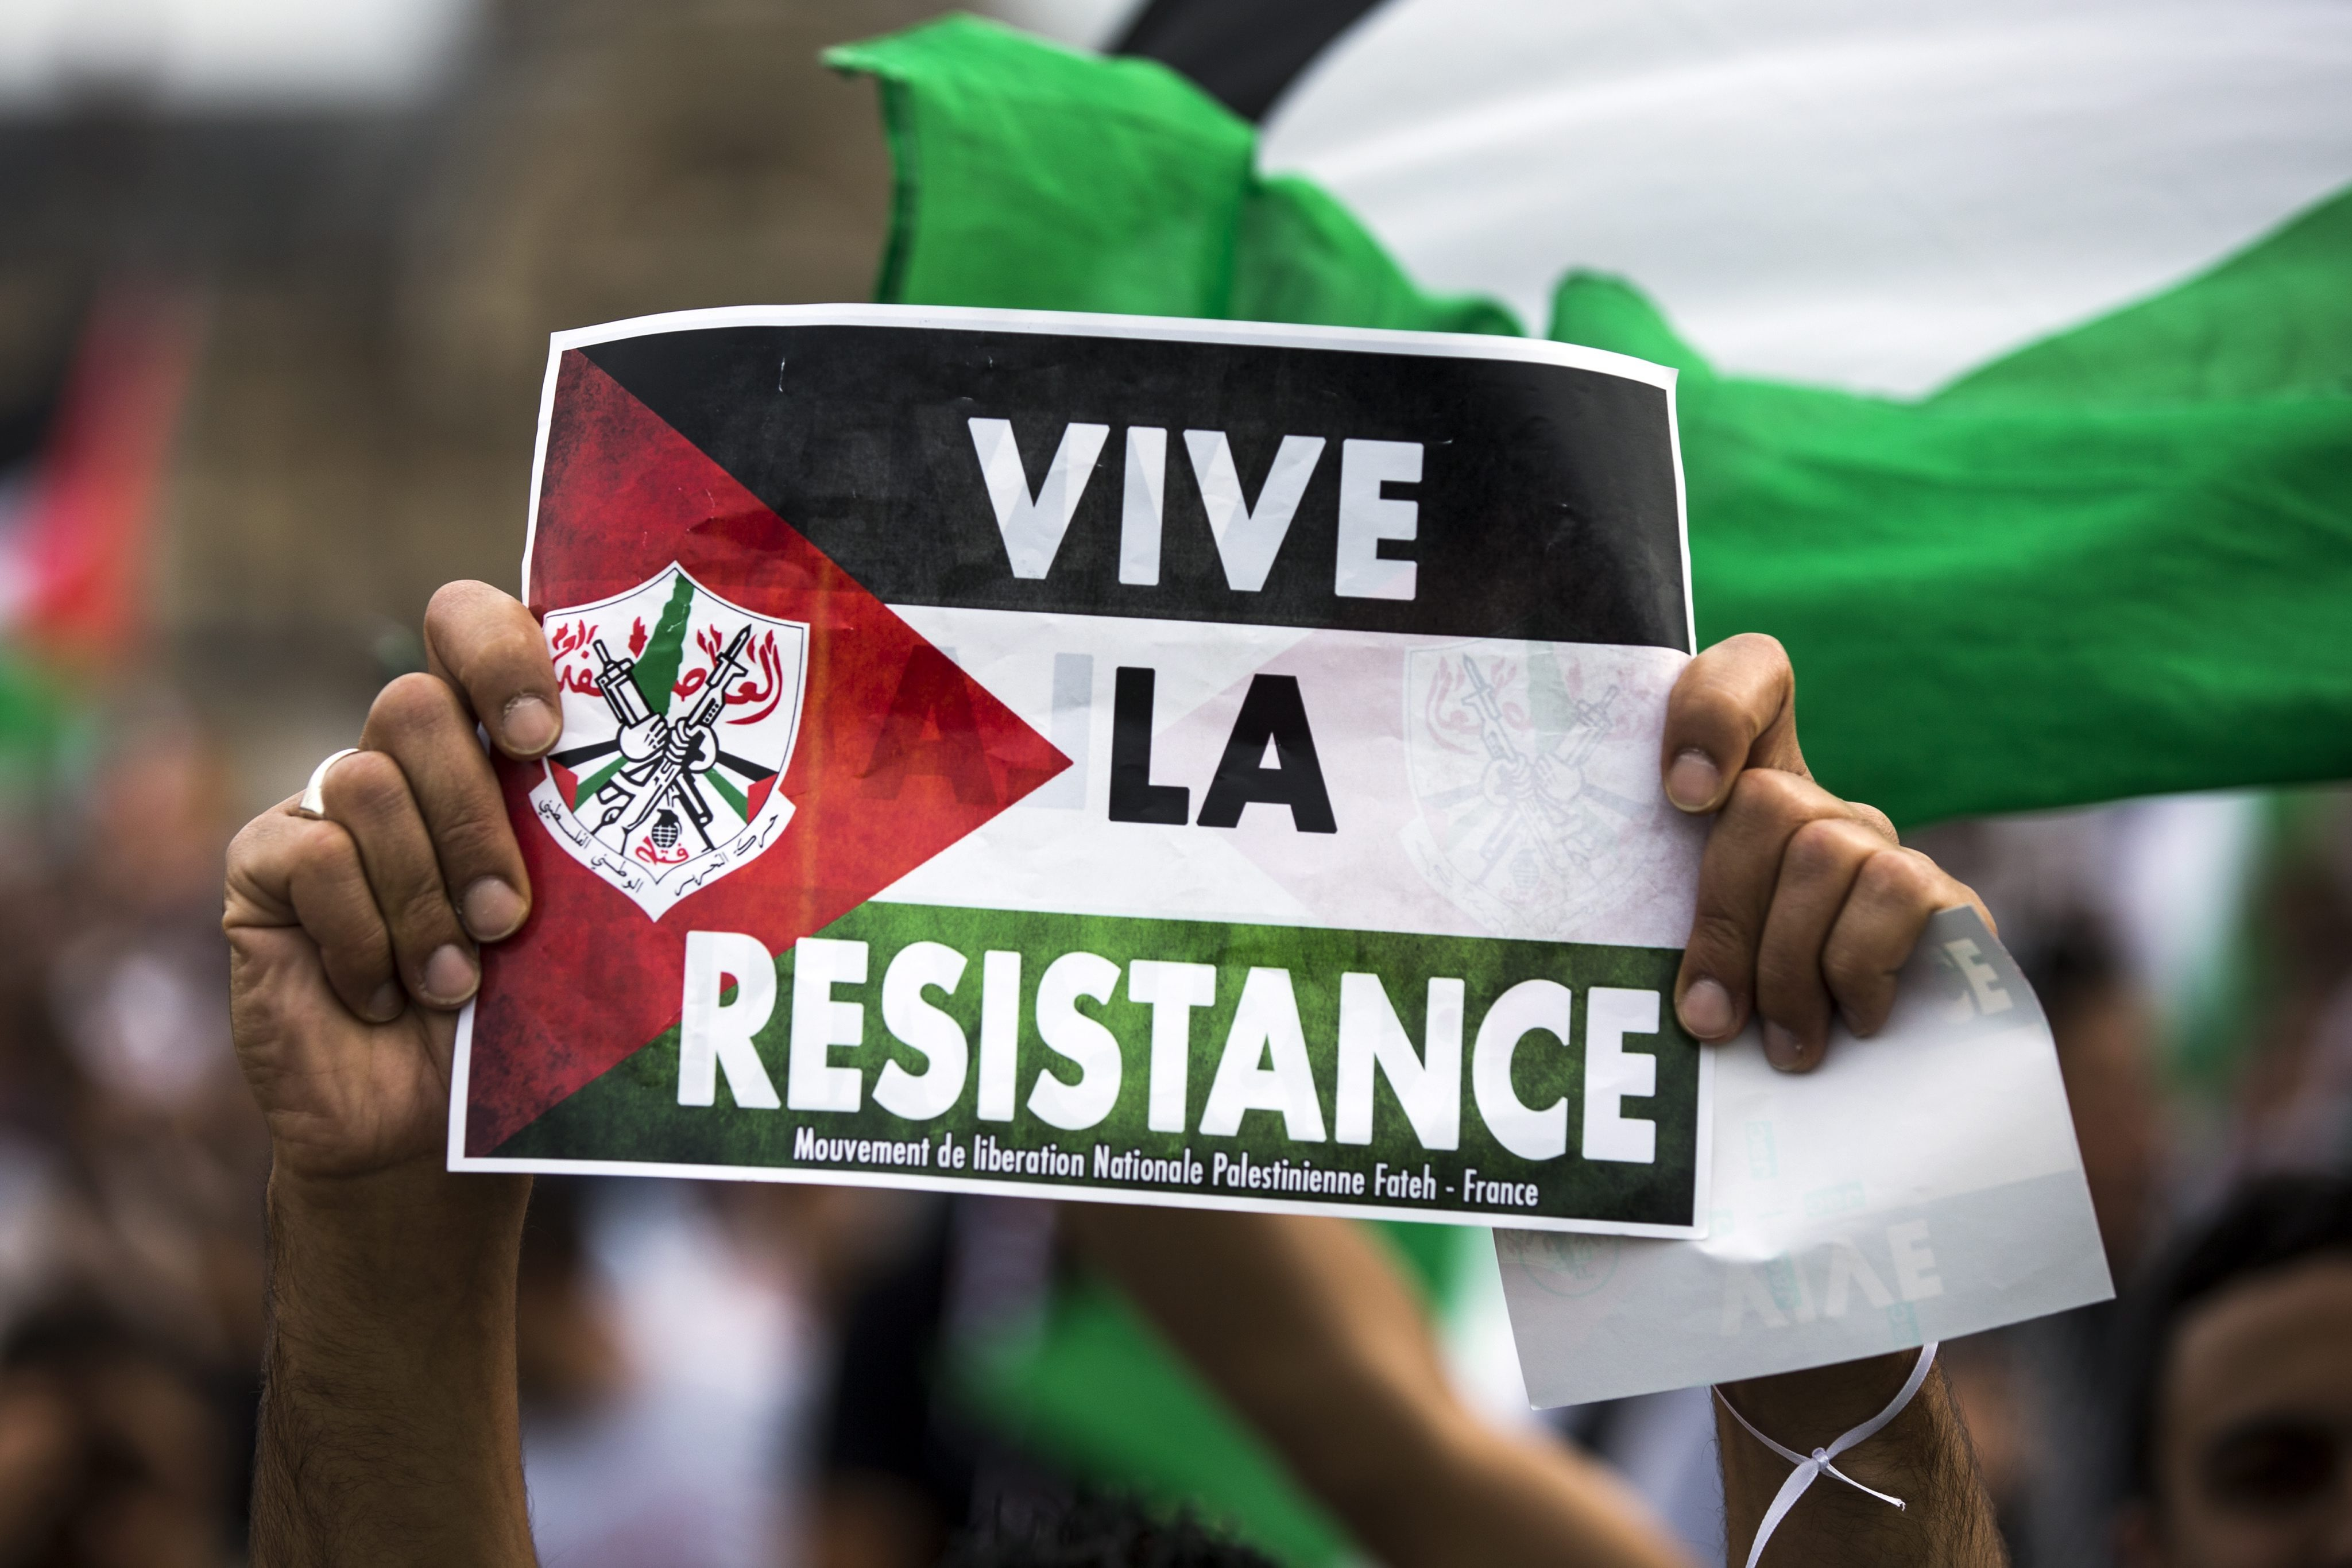 Σχέδιο ψηφίσματος για την αναγνώριση της Παλαιστίνης   tovima.gr